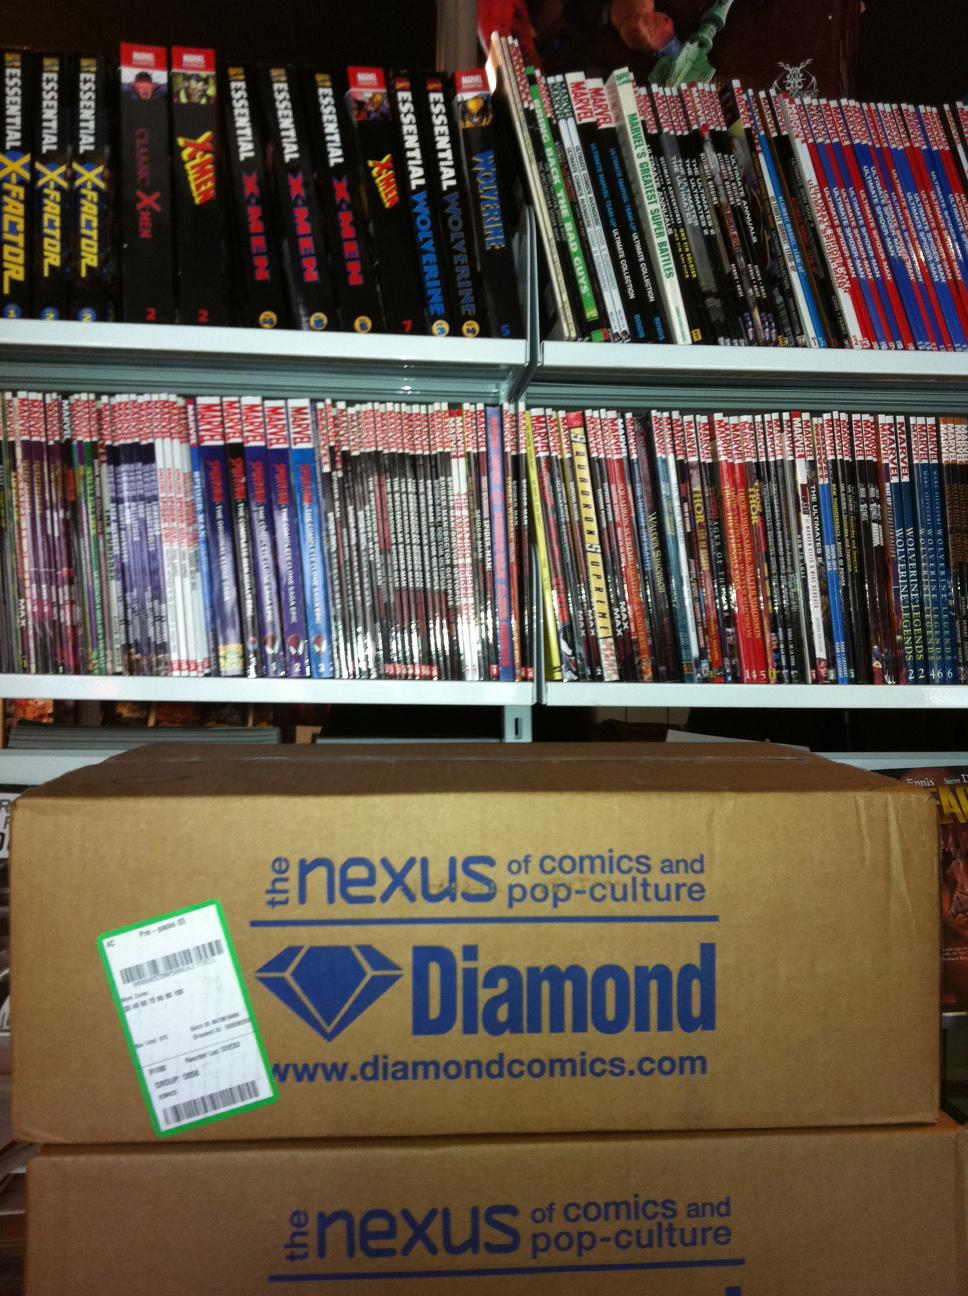 Danish comic book store Aarhus